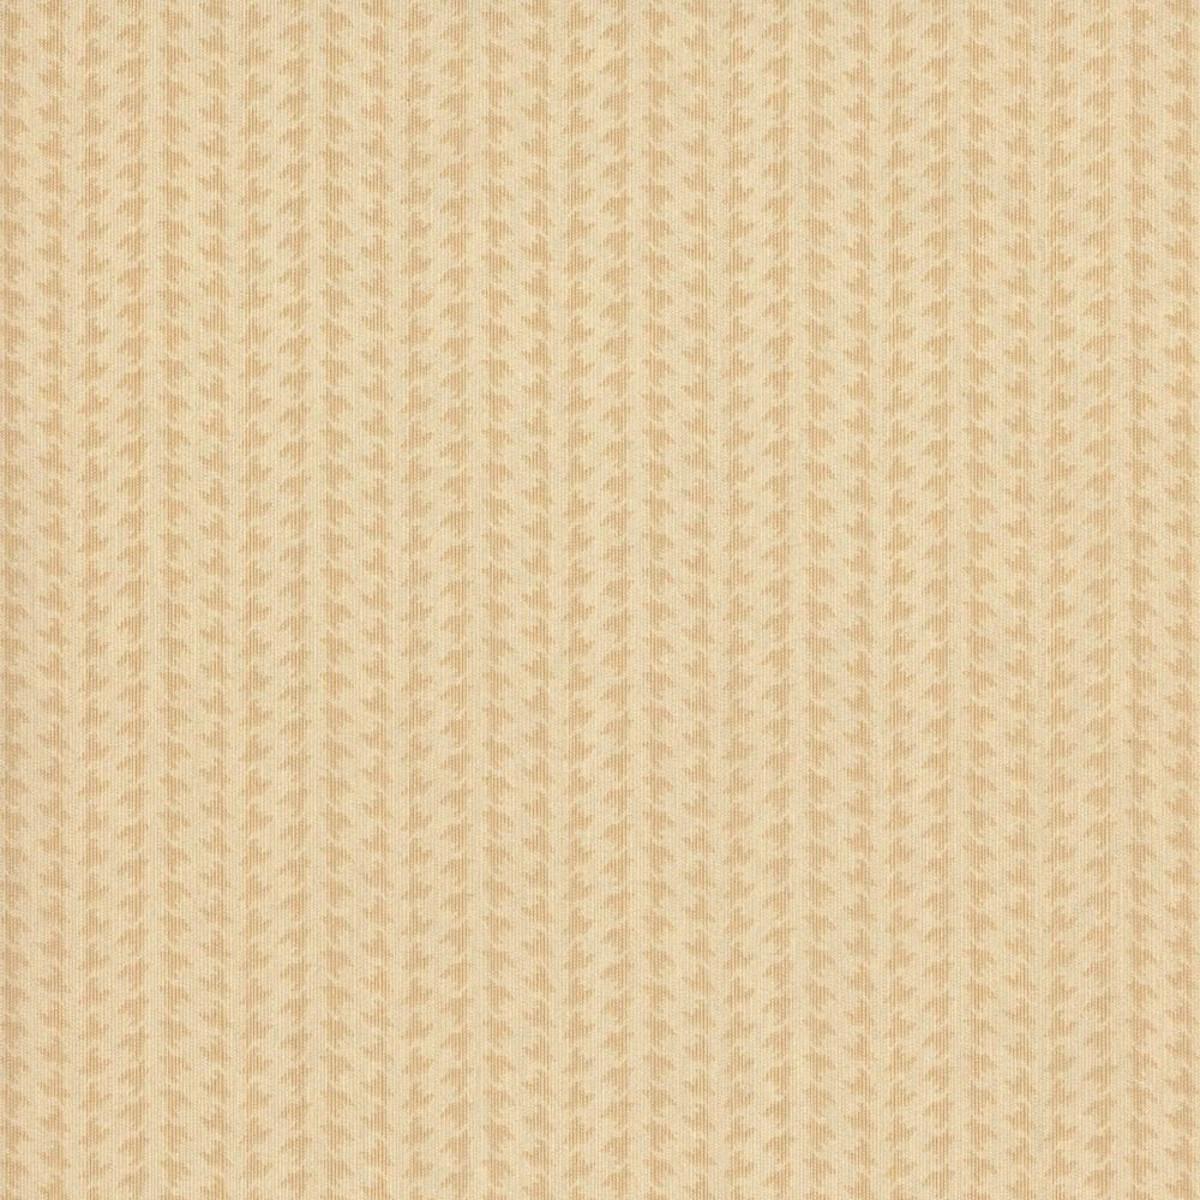 Обои текстильные Rasch Selected бежевые 0.53 м 79448